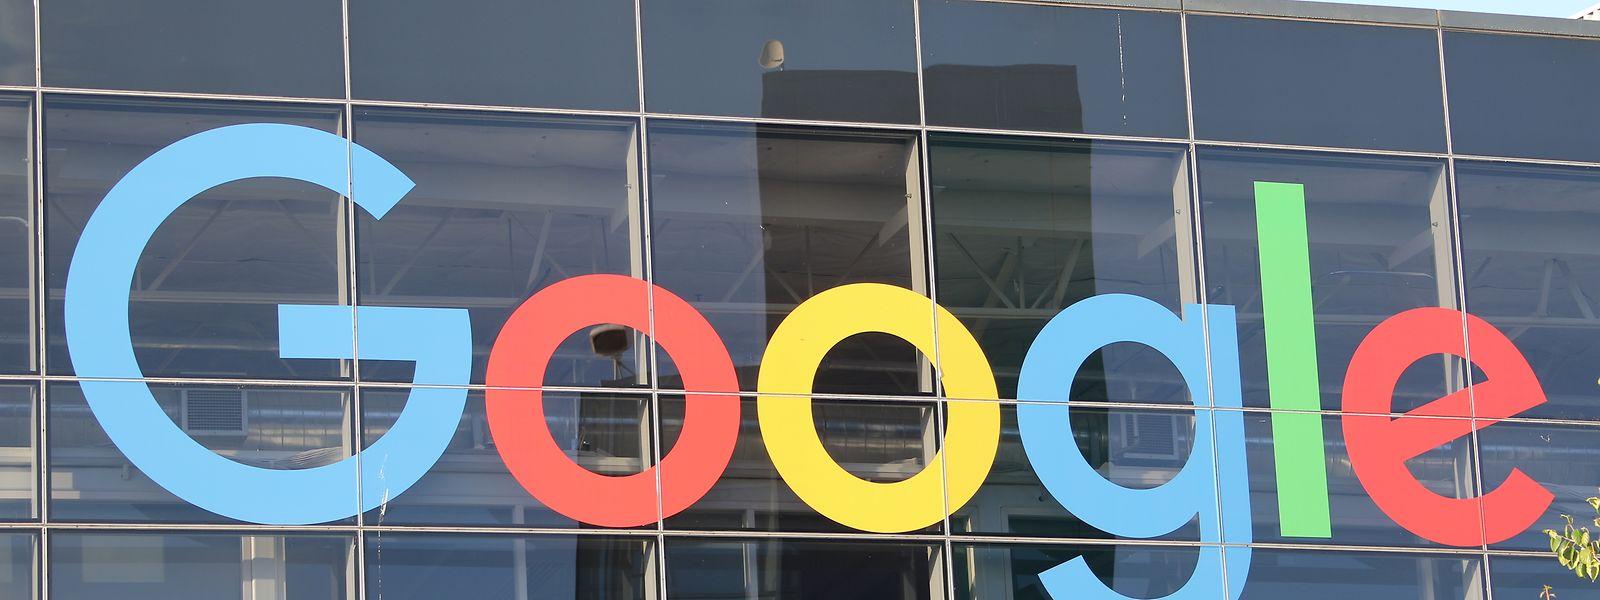 Wenig Konkretes ist derzeit bekannt über das geplante Google-Datenzentrum in Bissen.